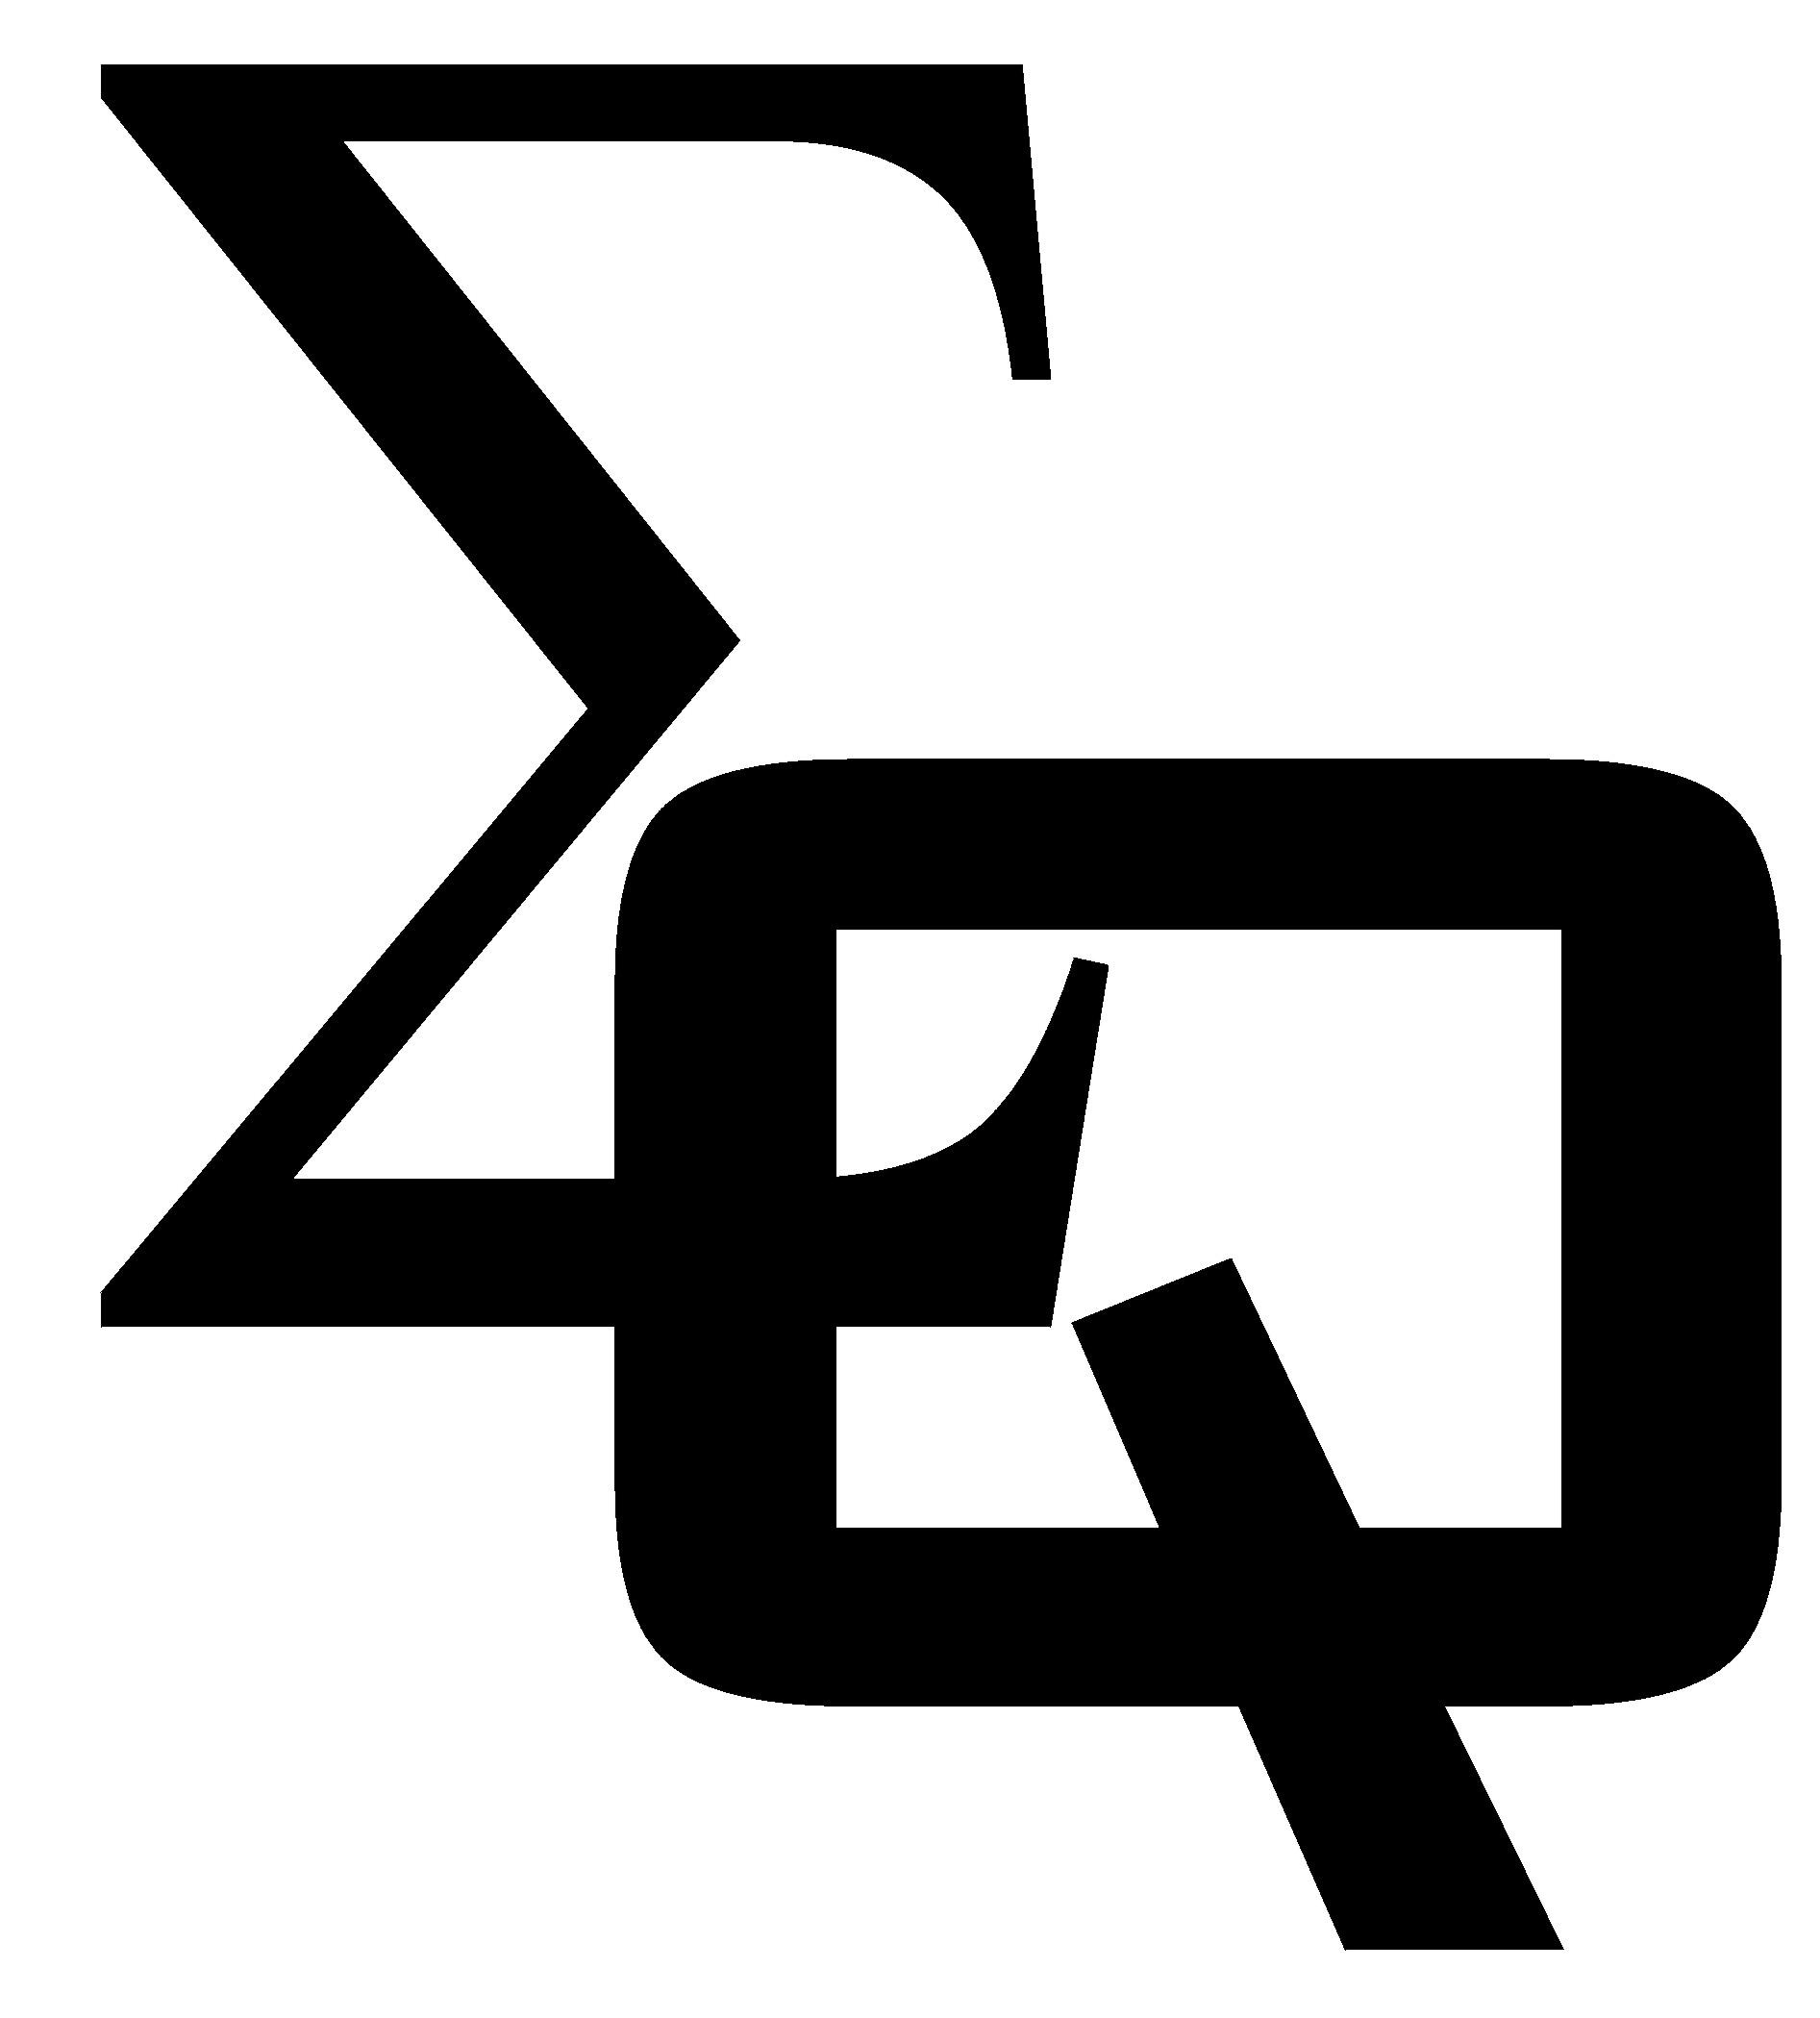 sigmaq-logo-2-.jpg